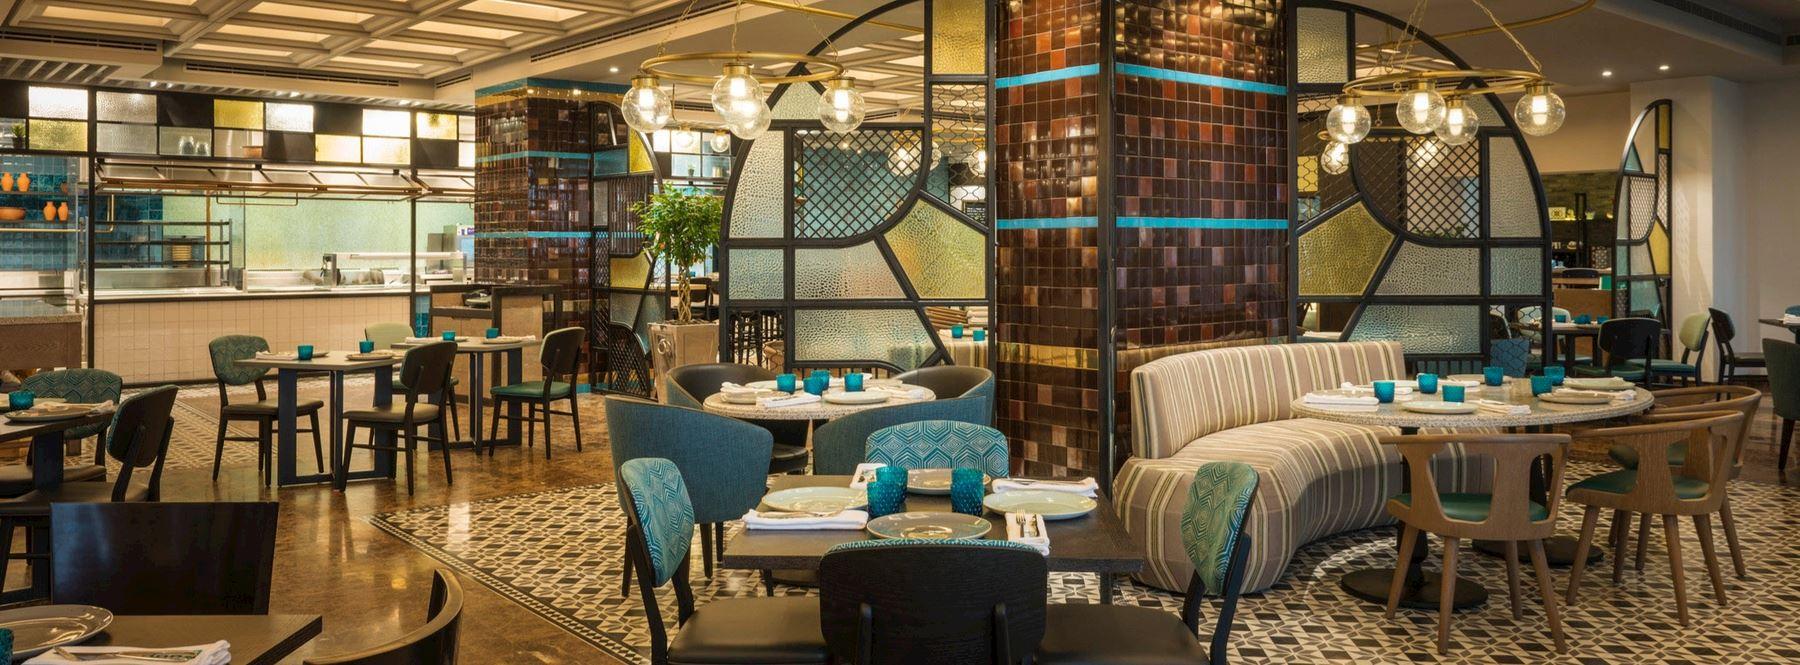 Besh Turkish Kitchen Terrace